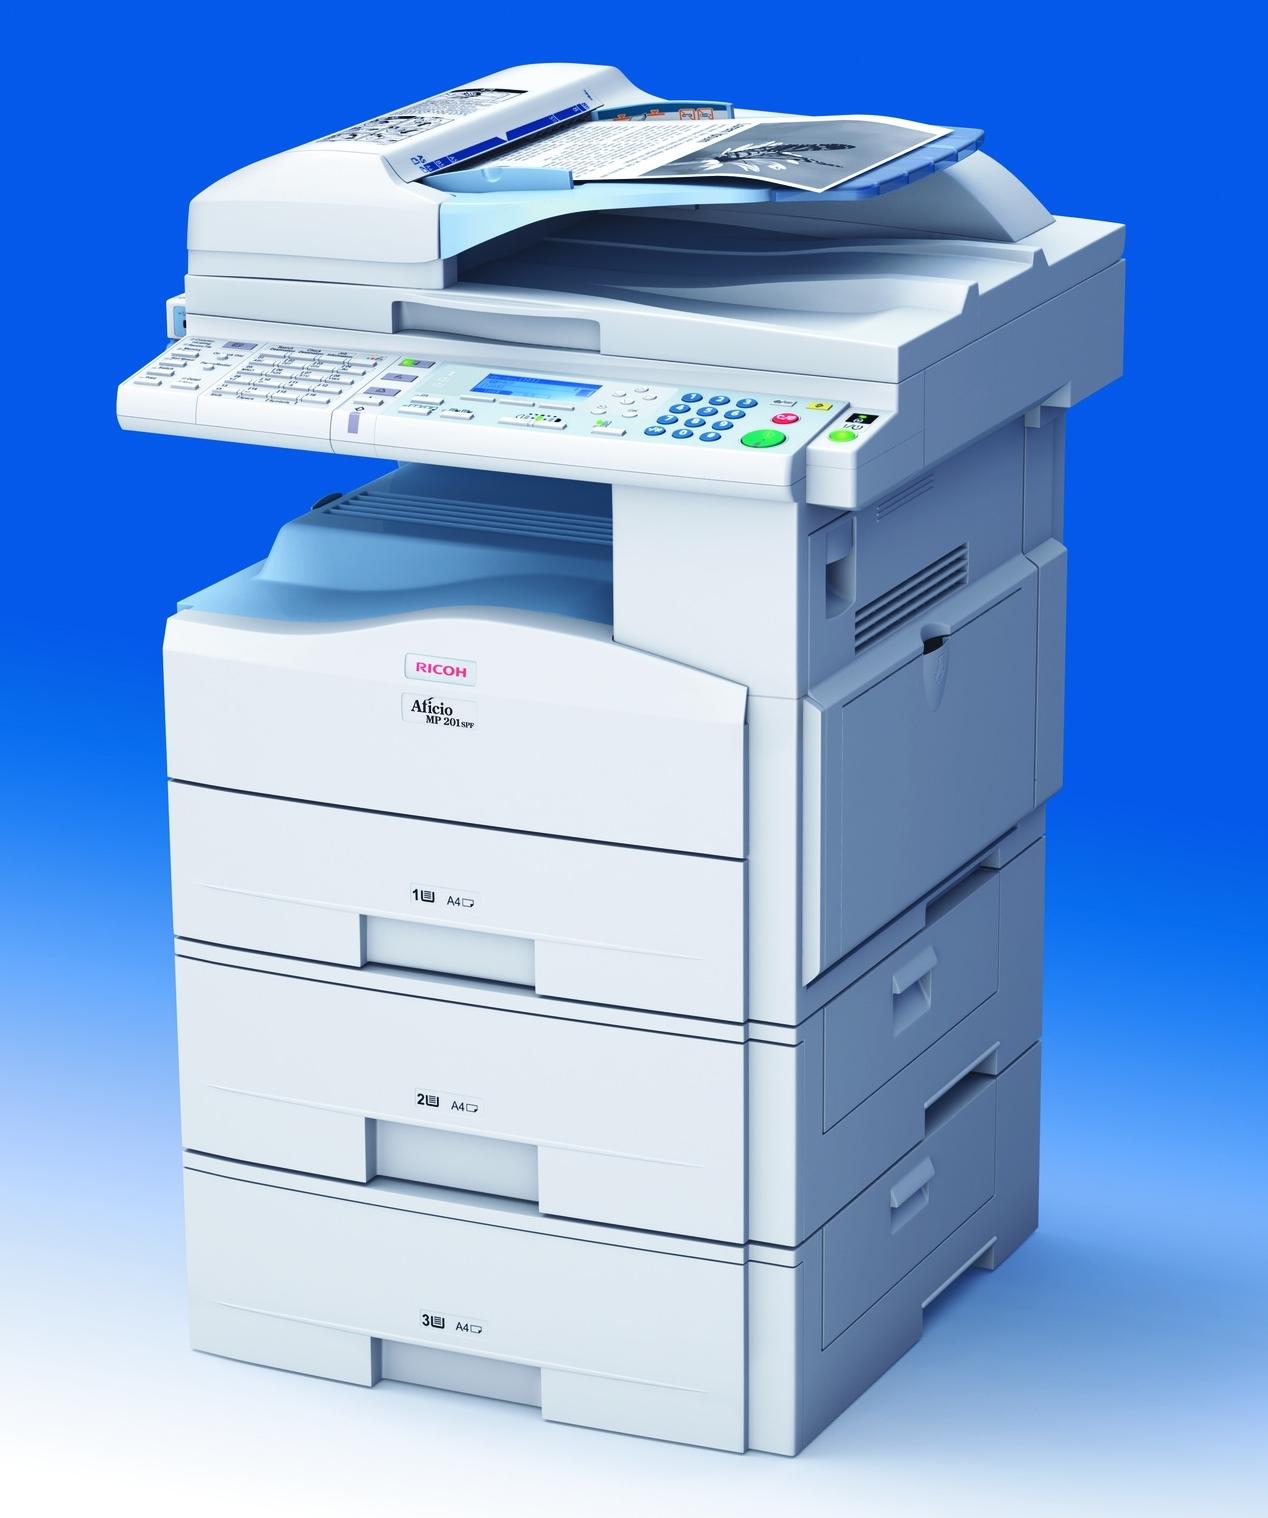 Foto 1 de 3 de la impresora Ricoh Aficio MP201SPF ...